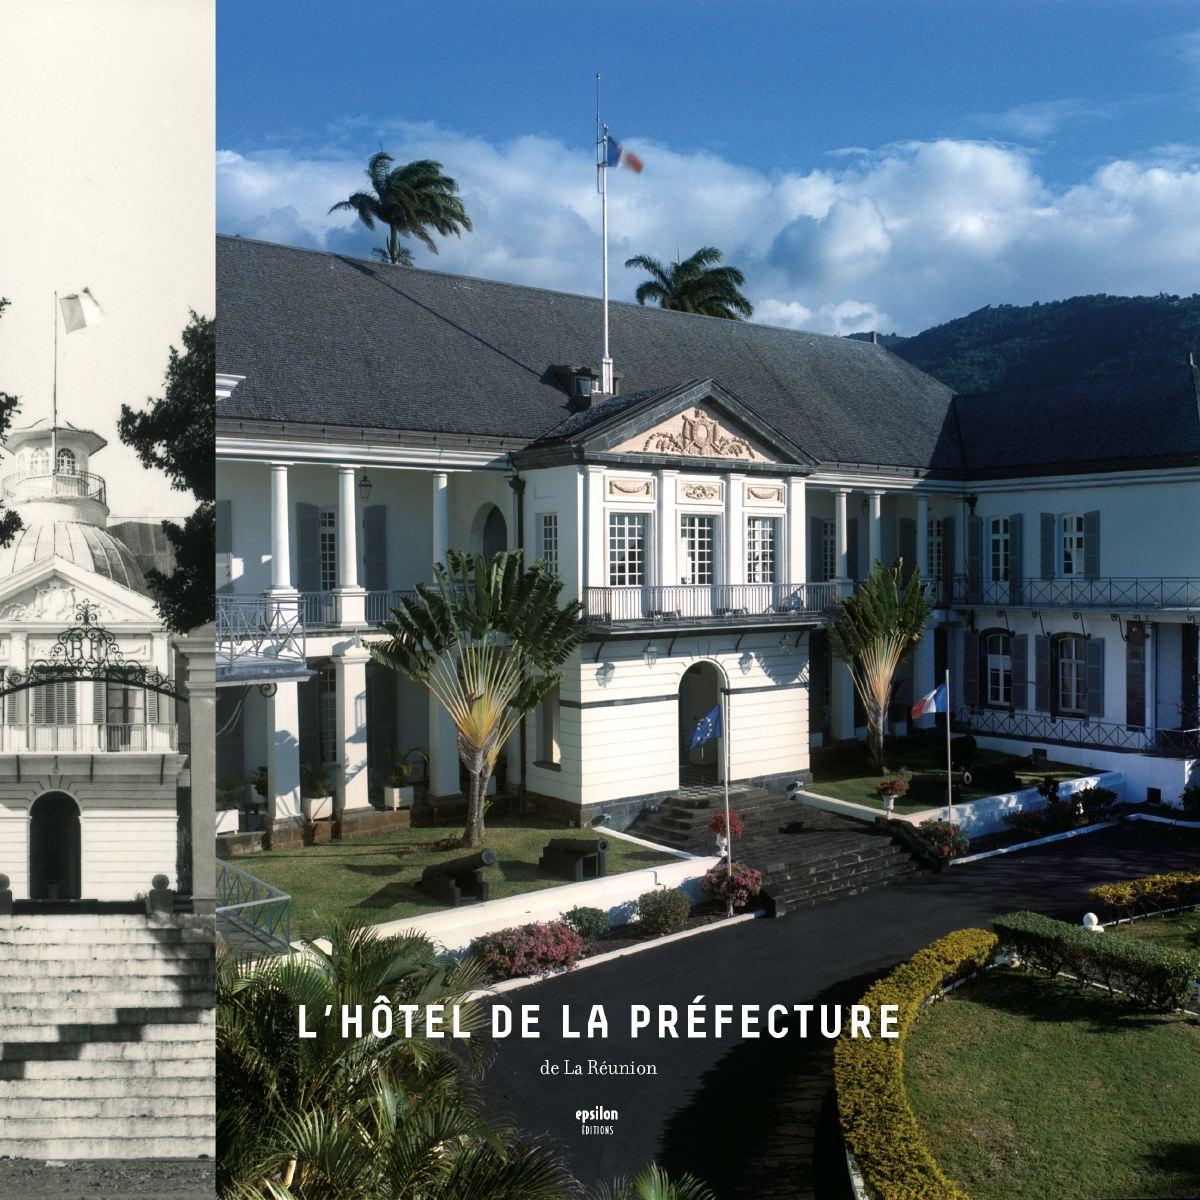 L'hôtel de la préfecture de La Réunion